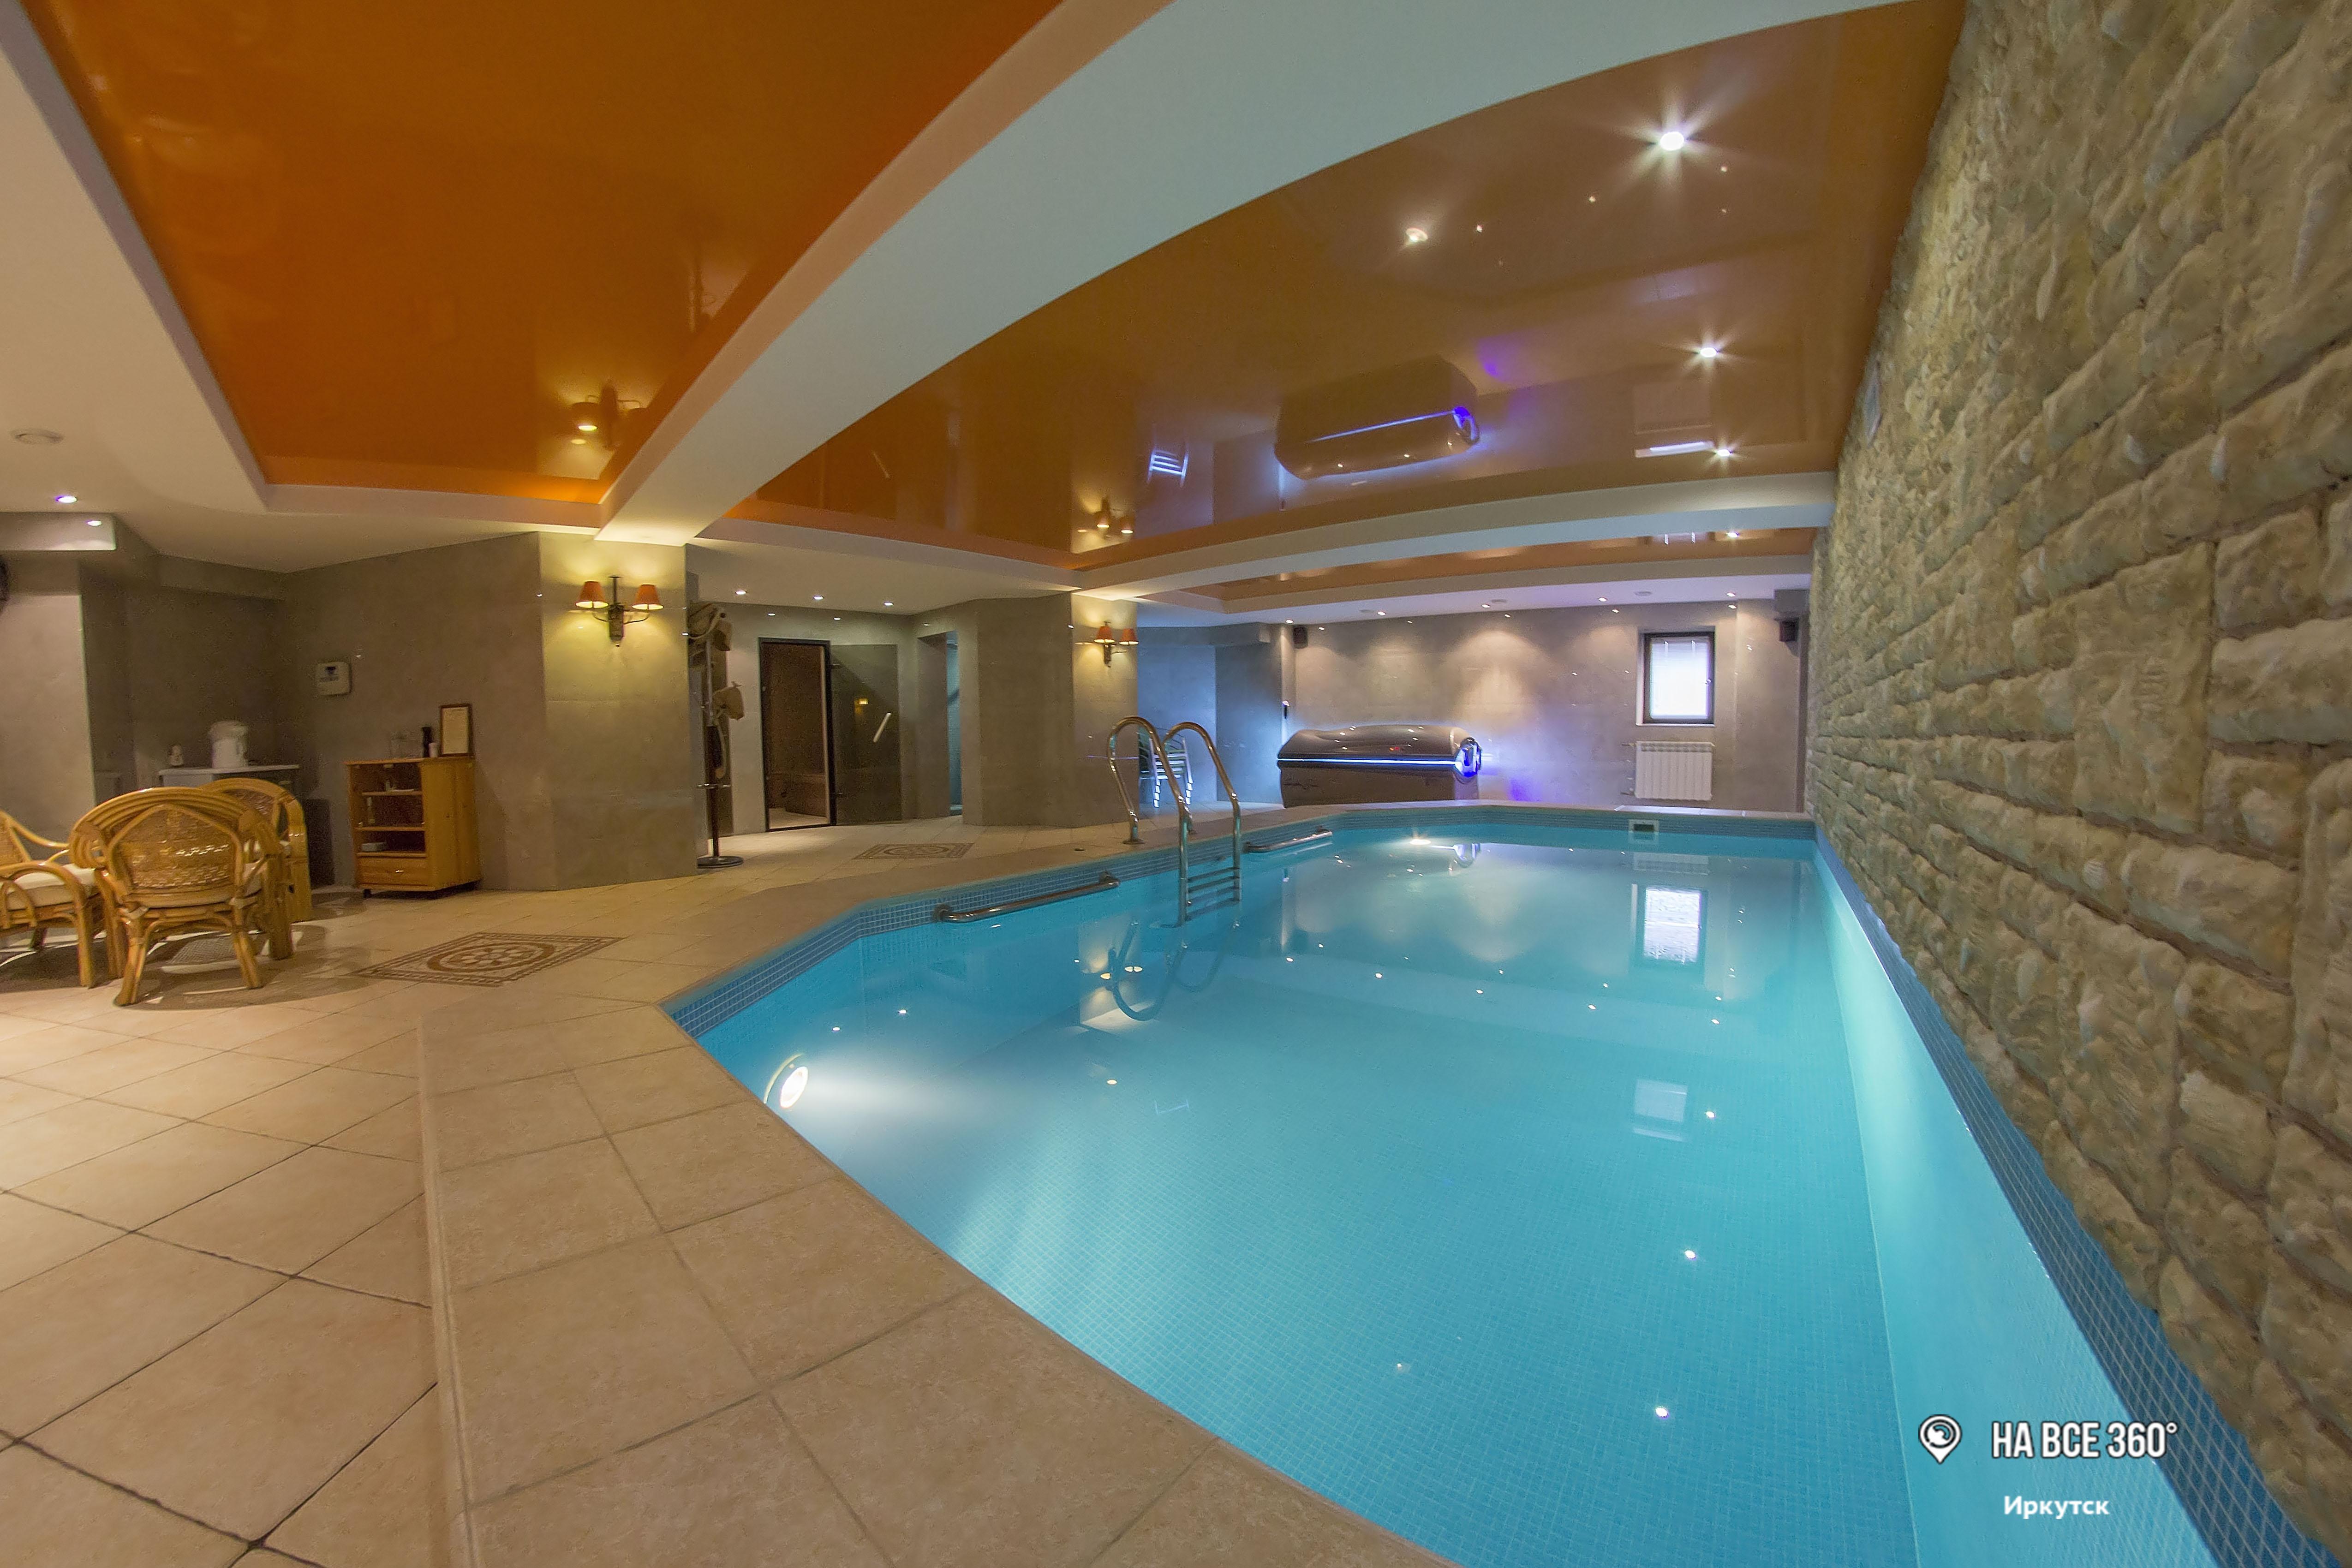 Сауна и баня в Иркутске